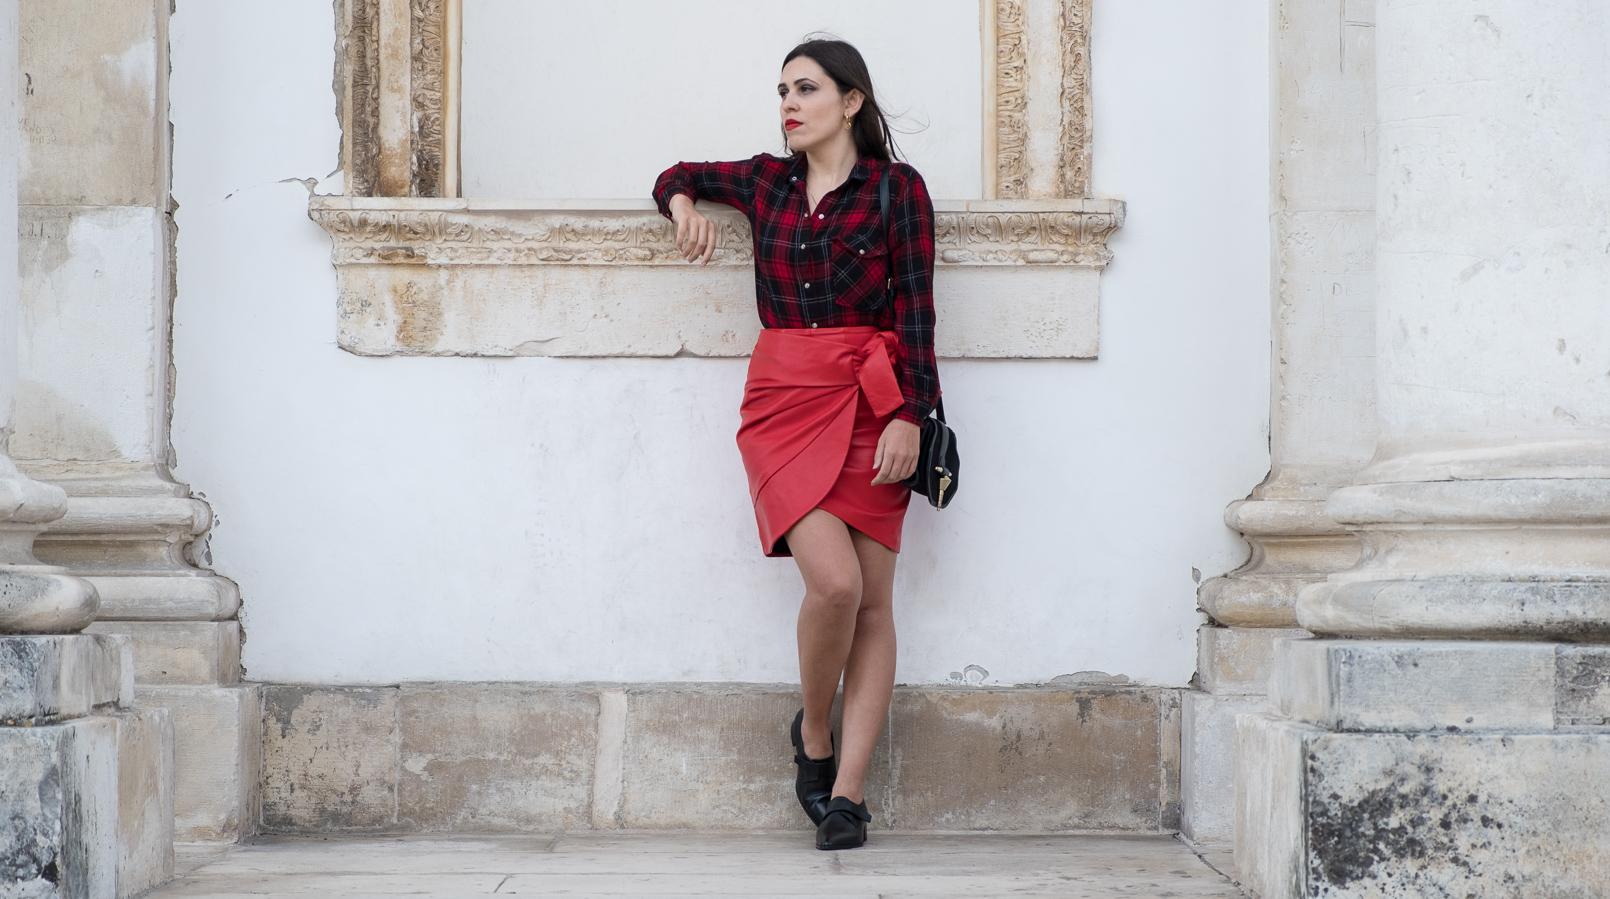 Le Fashionaire Alerta vermelho: esta é a cor que vai dar vida ao inverno camisa xadrez preto vermelho manga estampado costas dragao saia pele vermelha no uterque sapatos pretos pele estilo masculino zara 3499F PT